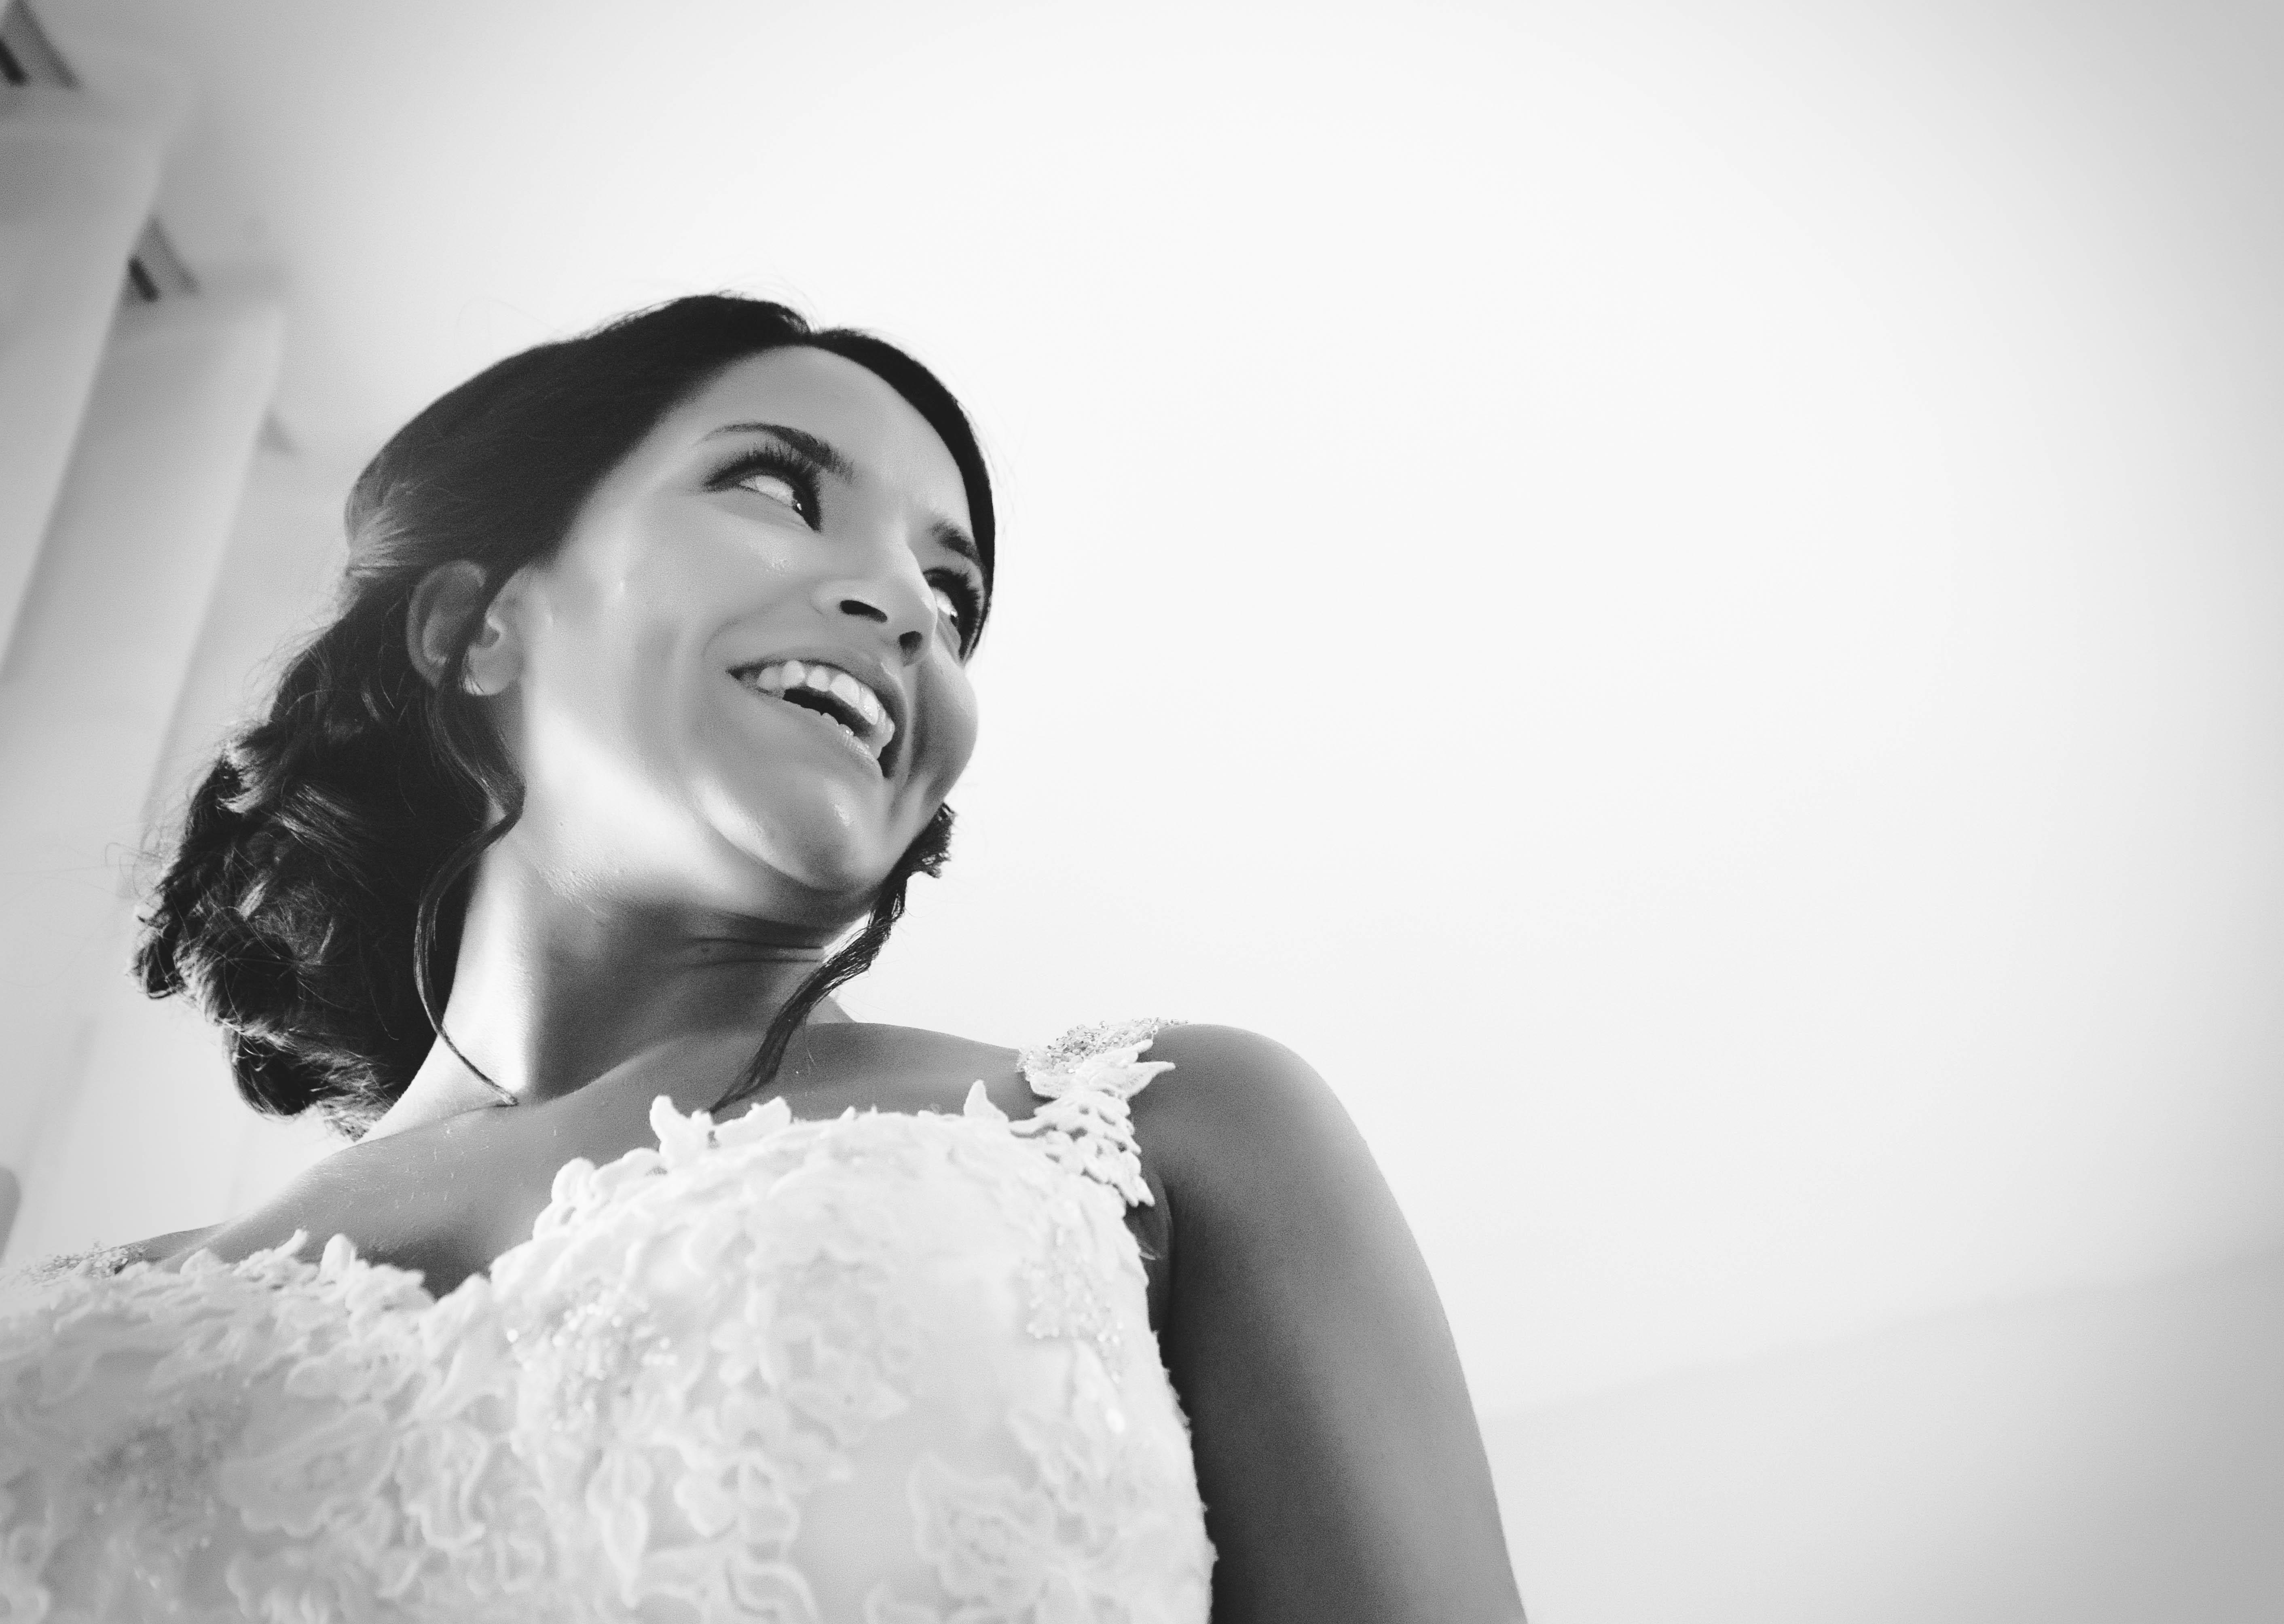 fotografo-de-bodas-barbastro